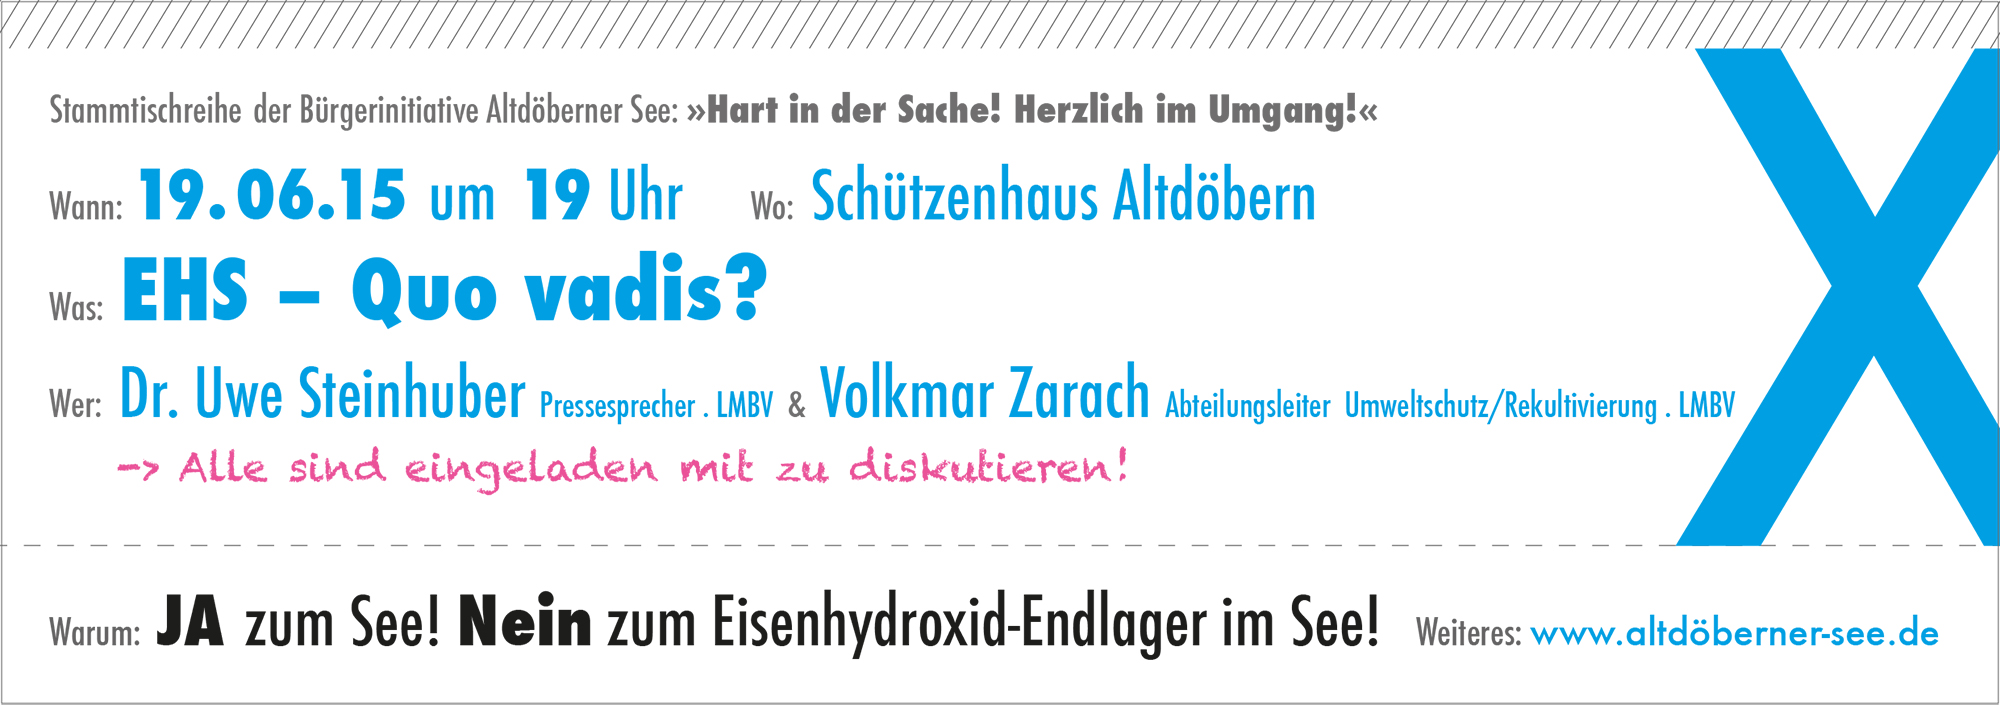 flyer_stammtisch_nr01